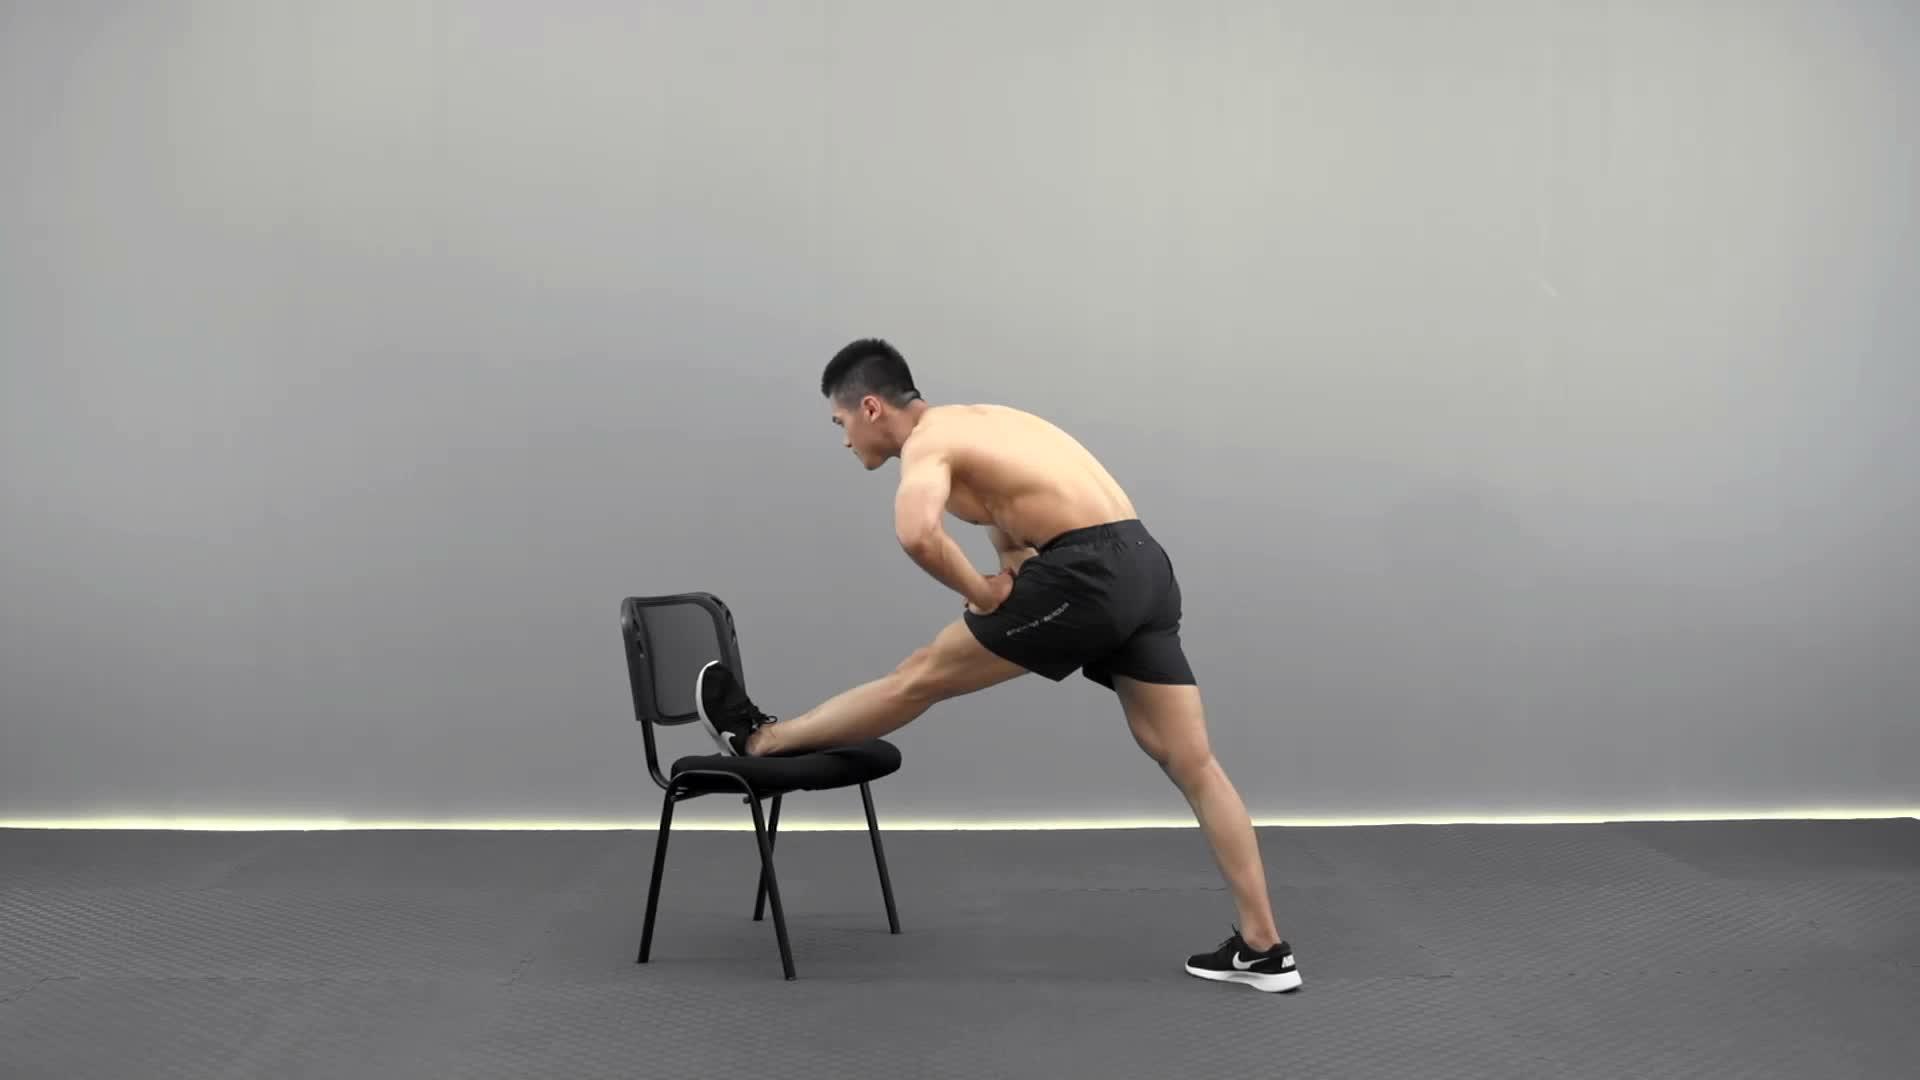 椅子架腿压 L